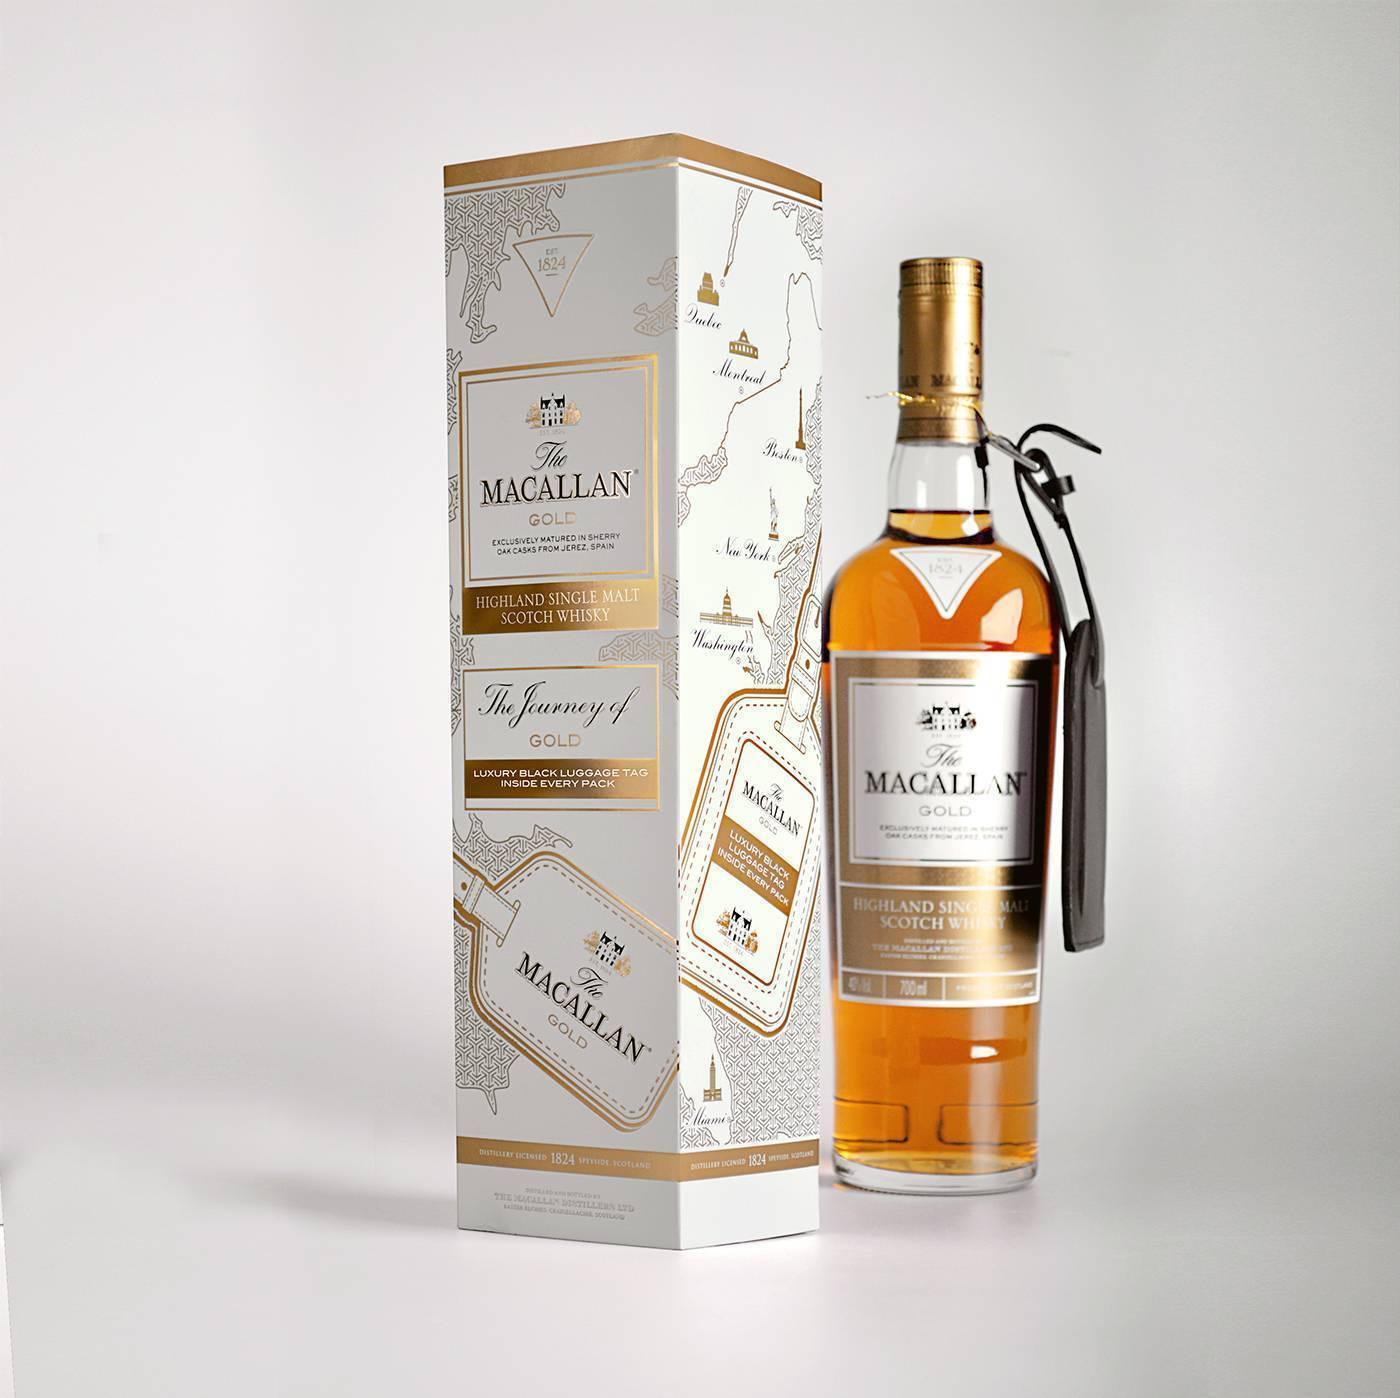 The macallan как отличить оригинальный виски от подделок